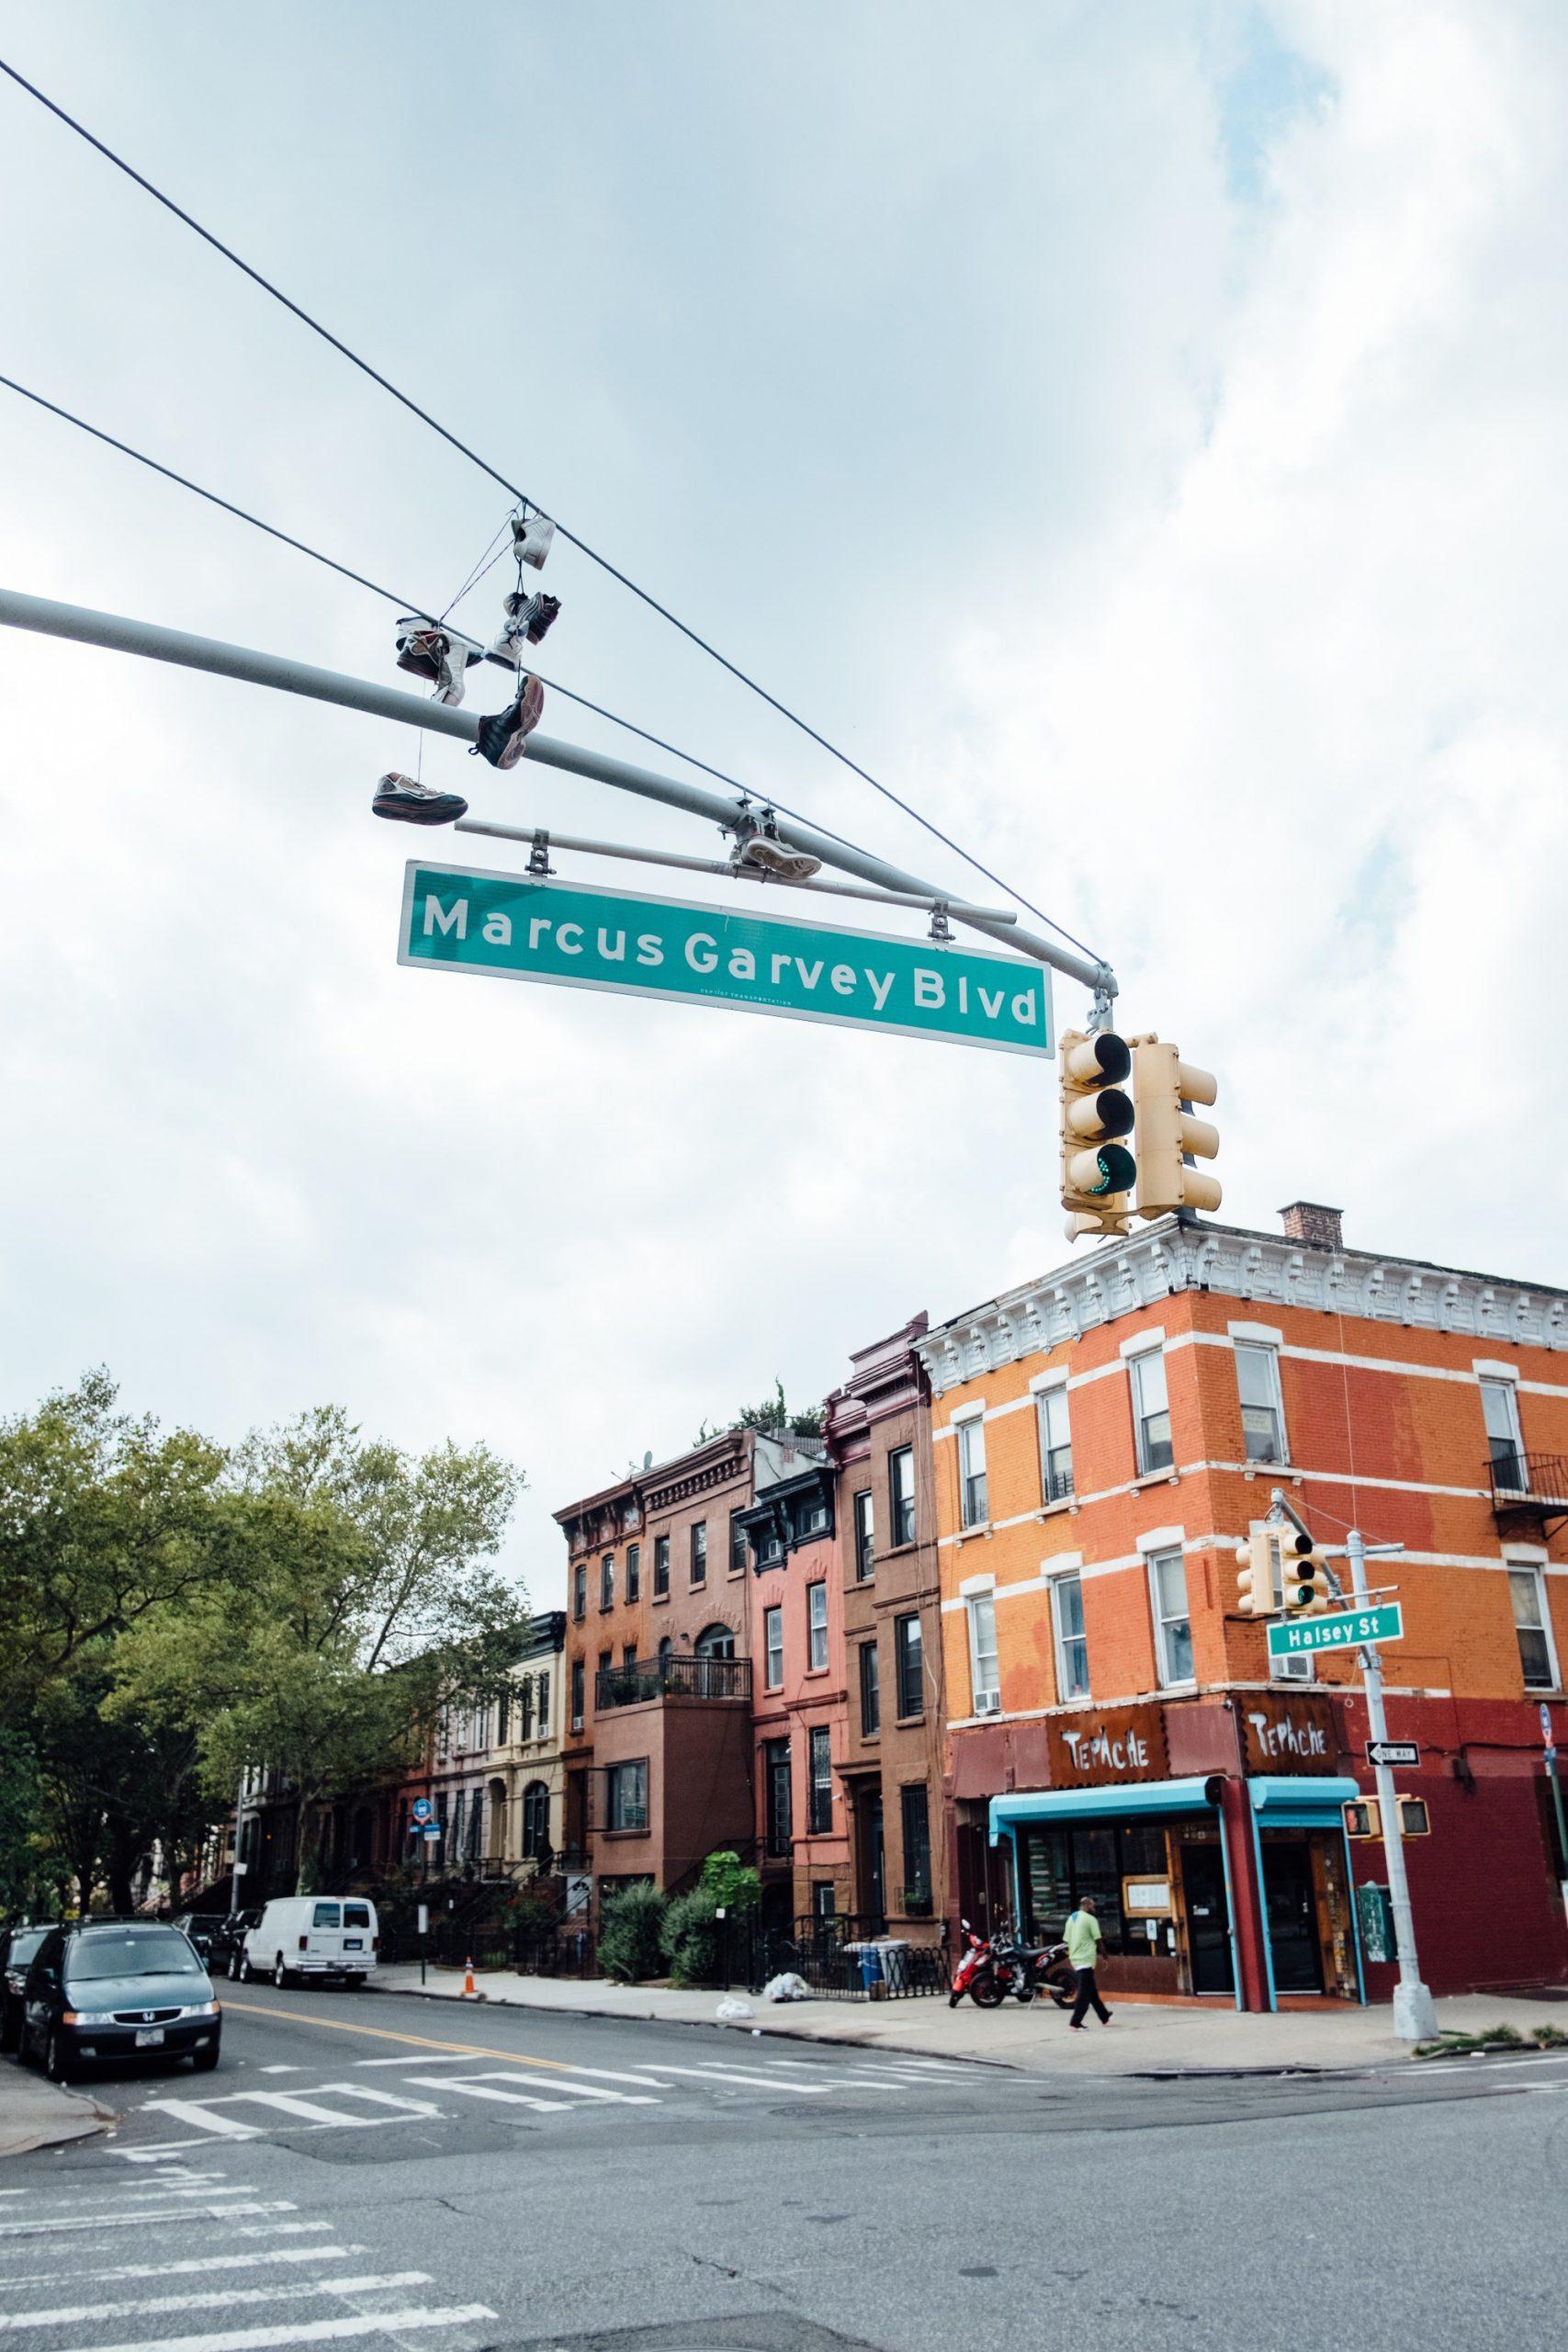 Marcus Garvey Blvd in Brooklyn